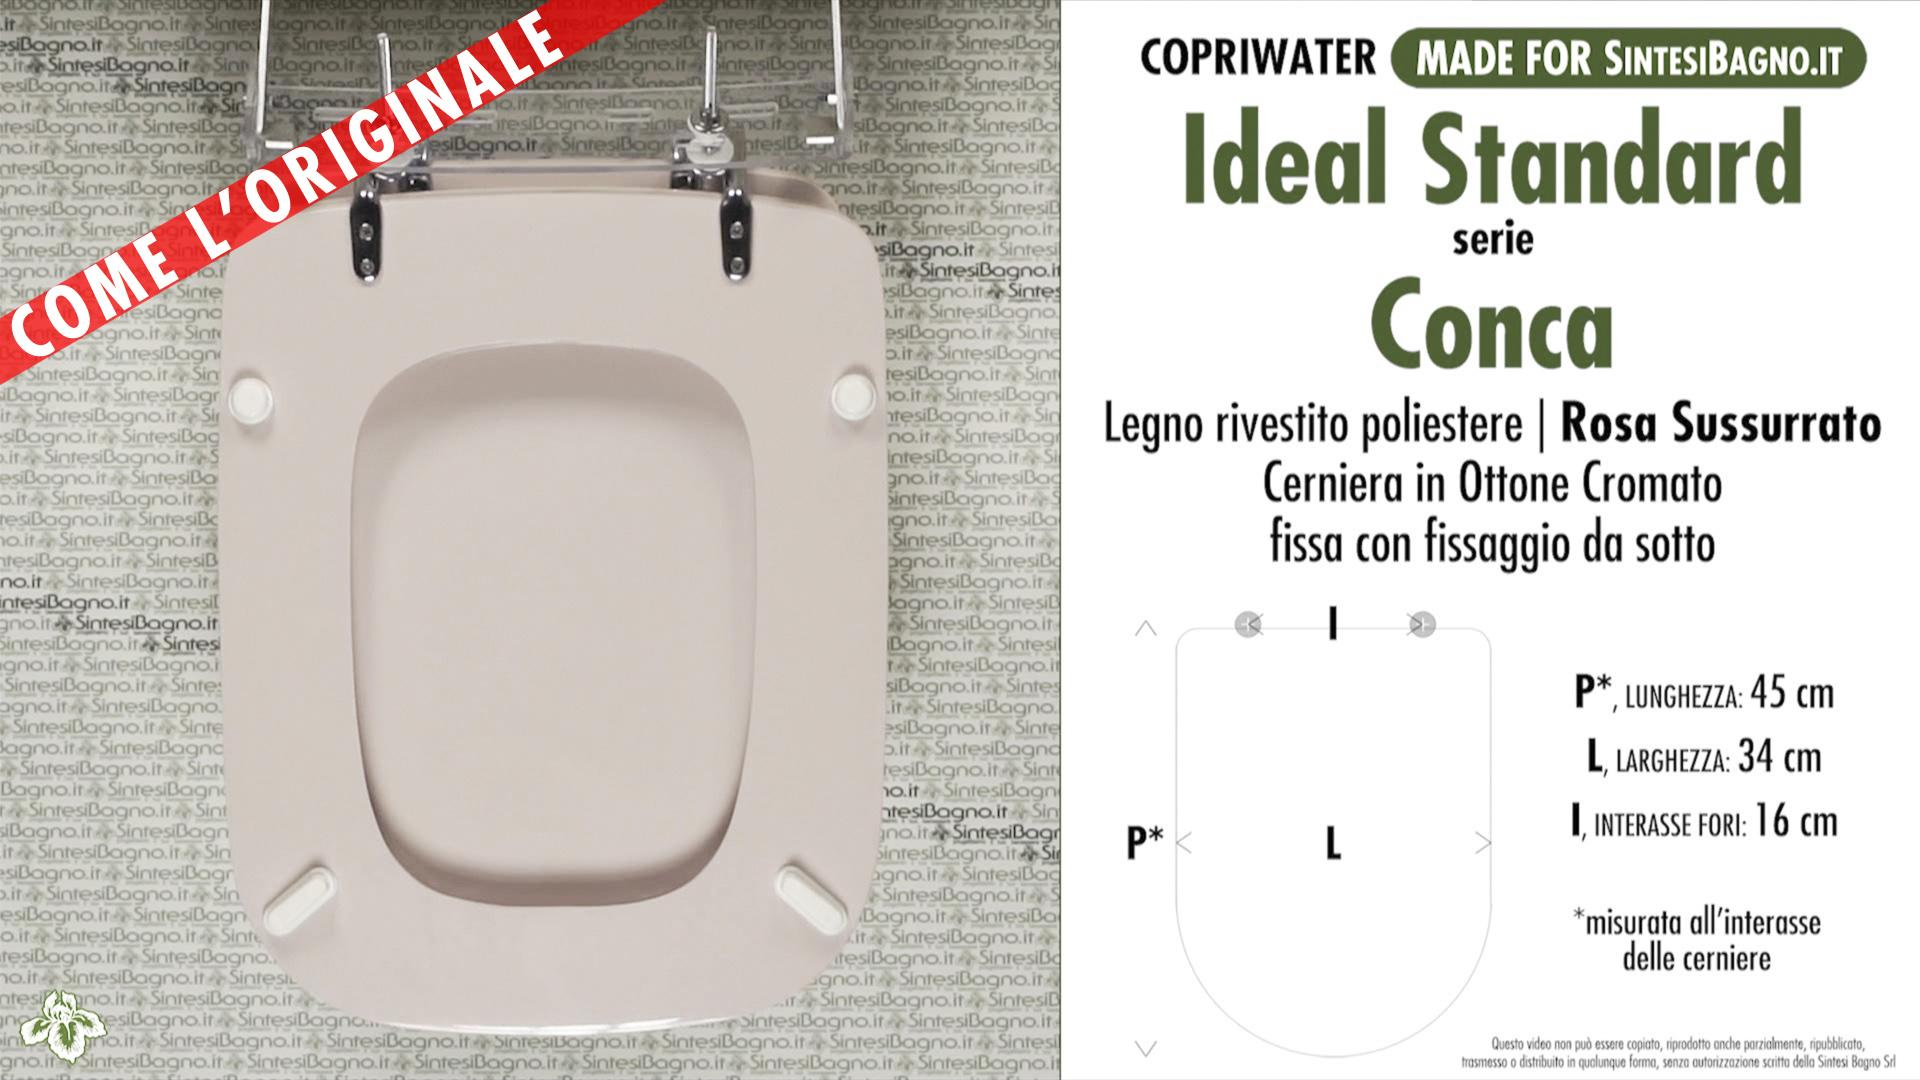 Sedile Wc Copriwater Bianco Ideal Standard Conca.Copriwater Per Wc Conca Ideal Standard Rosa Sussurrato Ricambio Dedicato Sintesibagno Shop Online